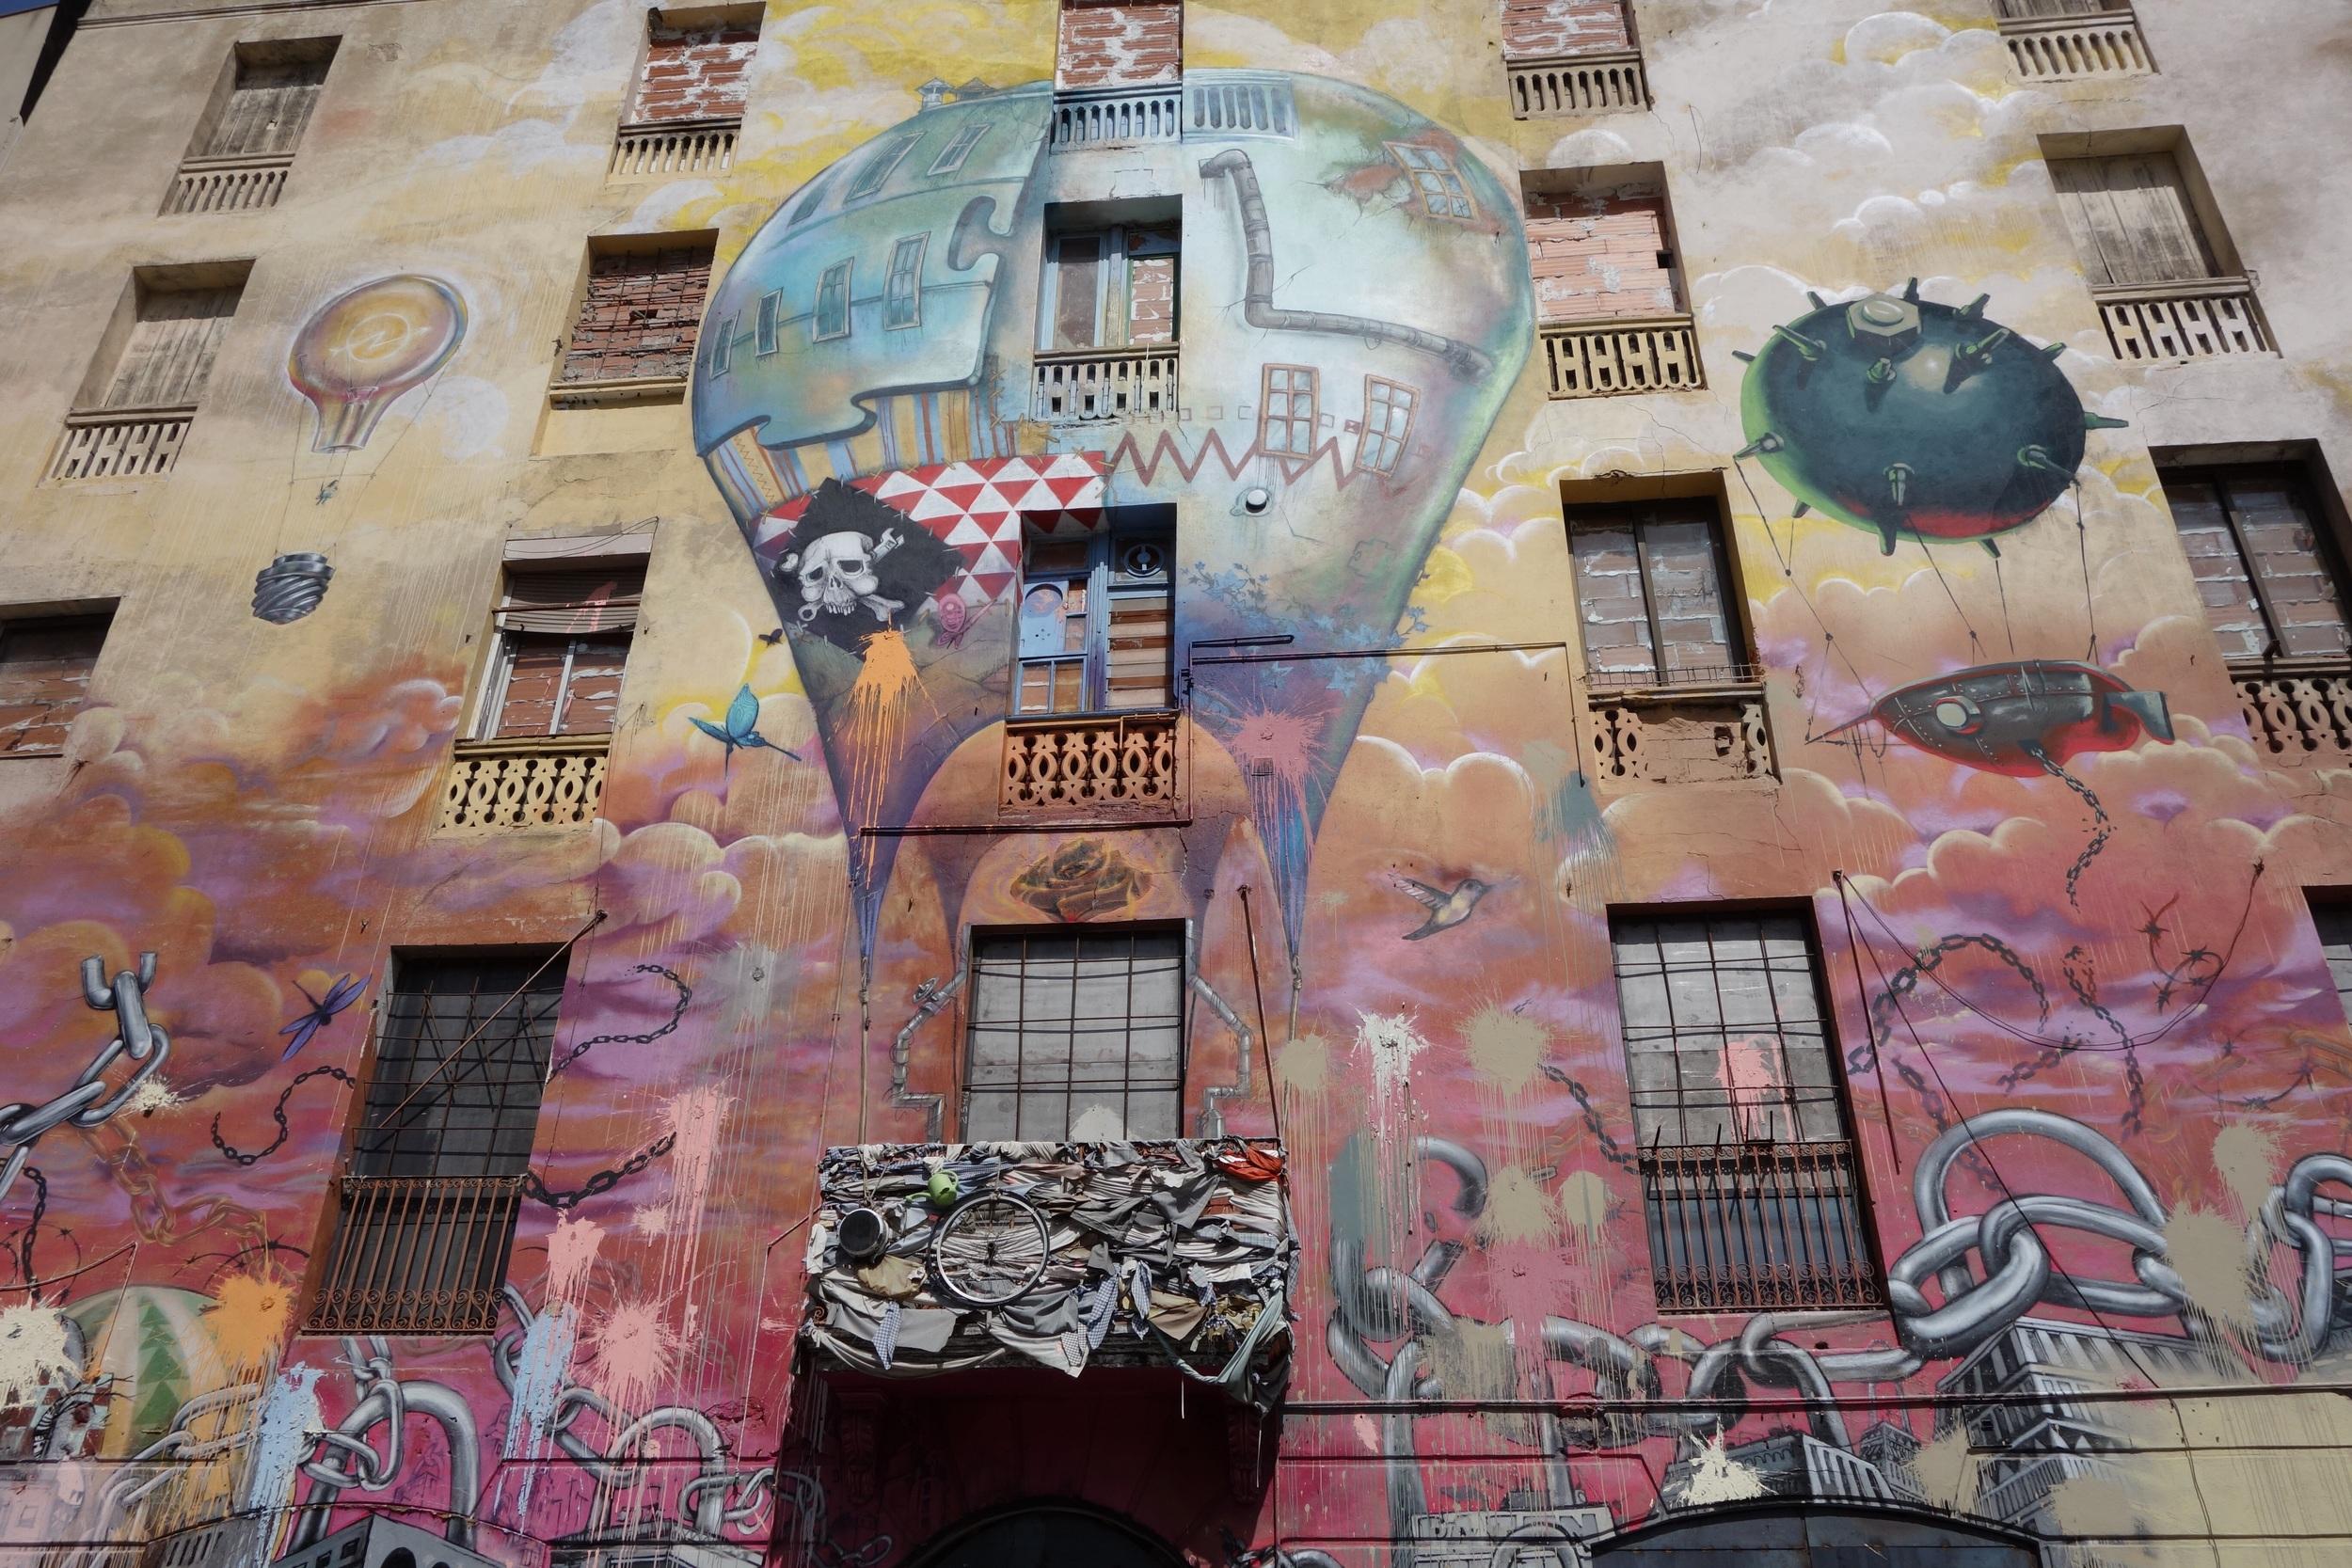 Så fantastisk masse vakker streetart i dinna byen!